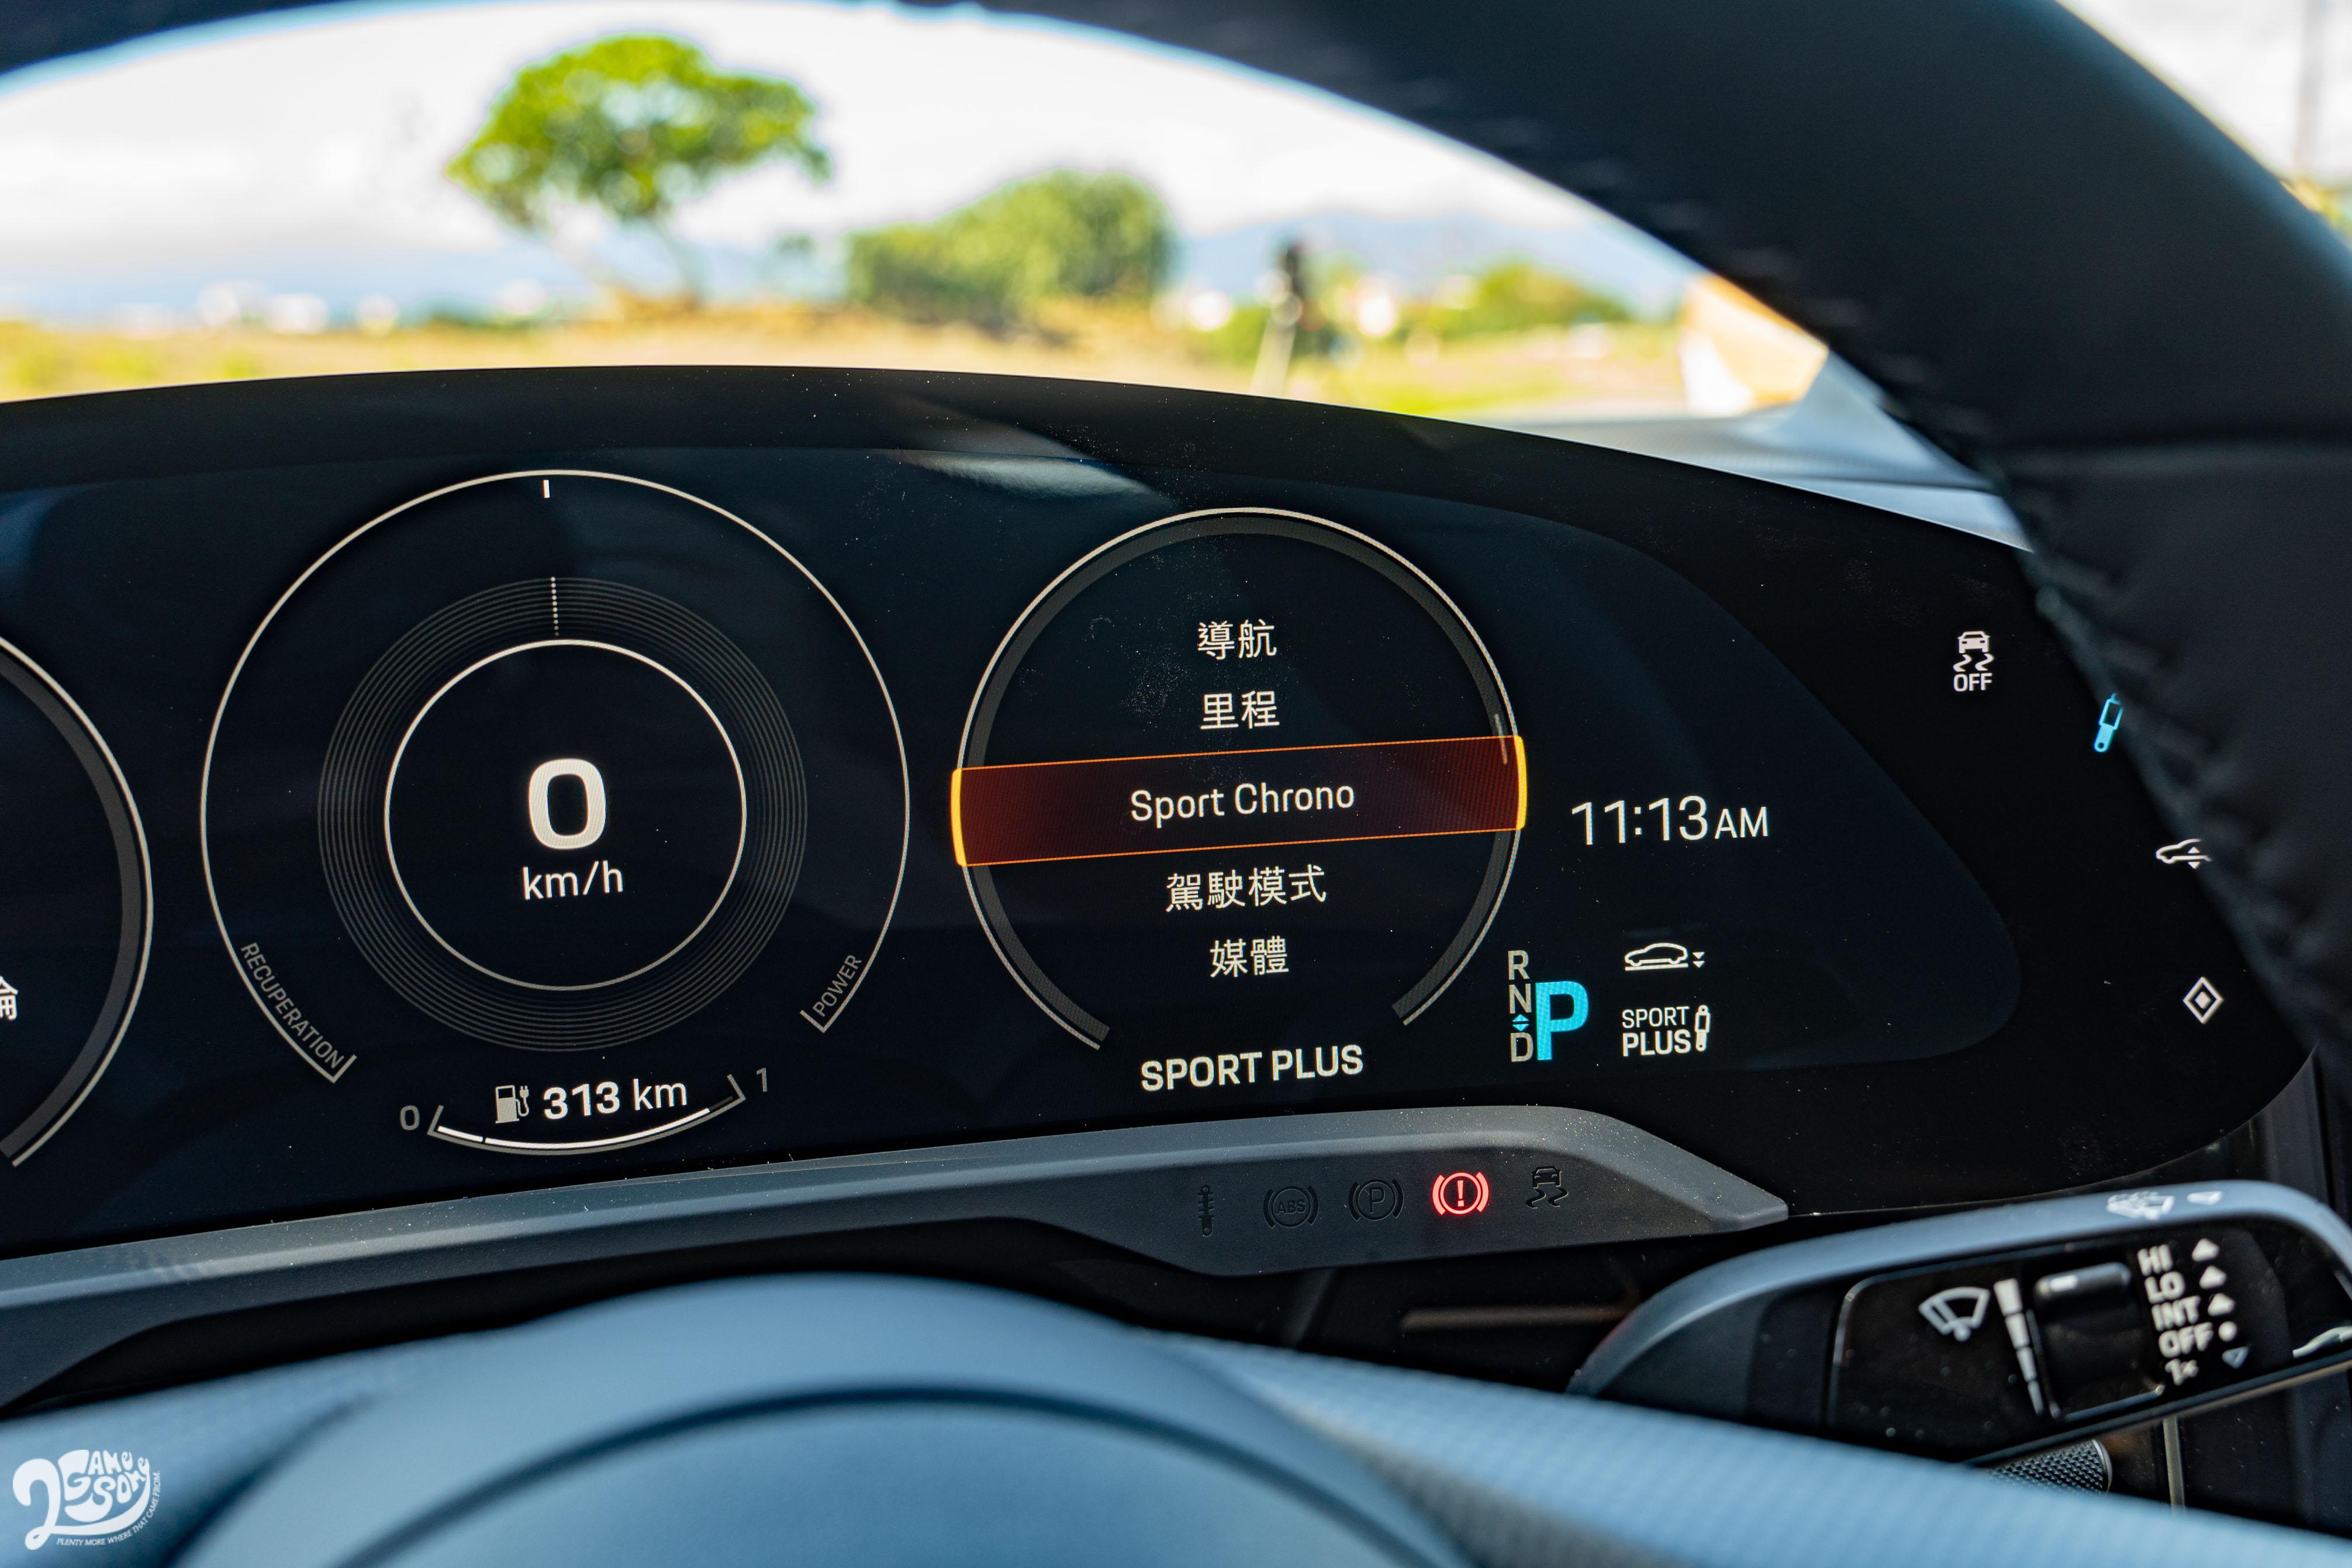 右方圓圈可查看電量等行車資訊。